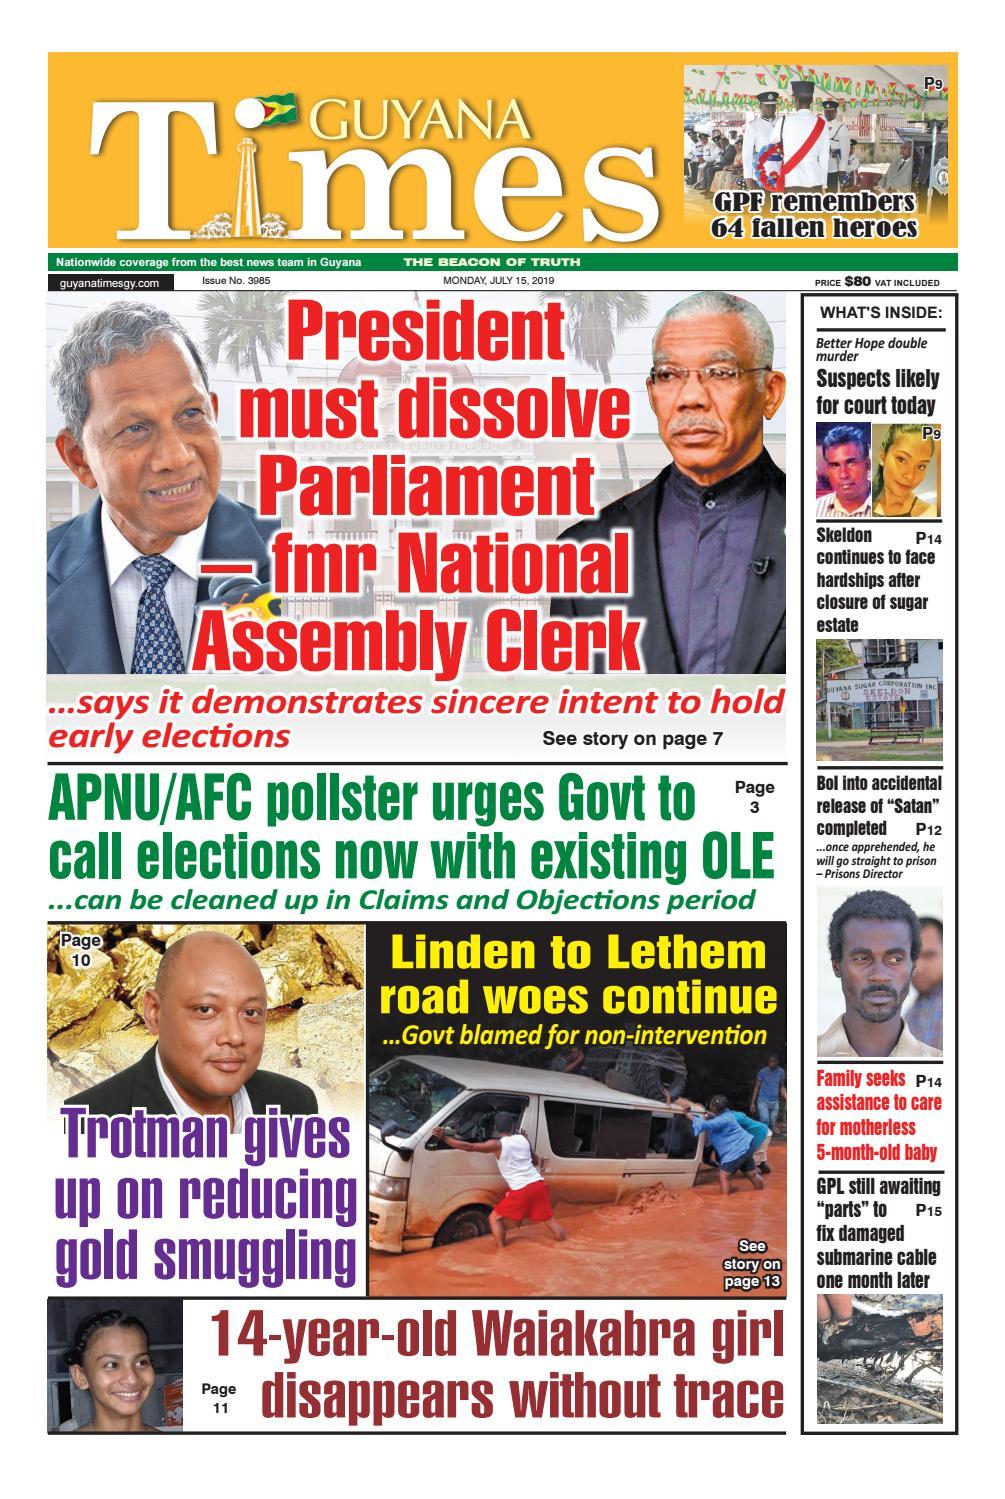 Guyana Times - Monday, July 15, 2019 by Gytimes - issuu